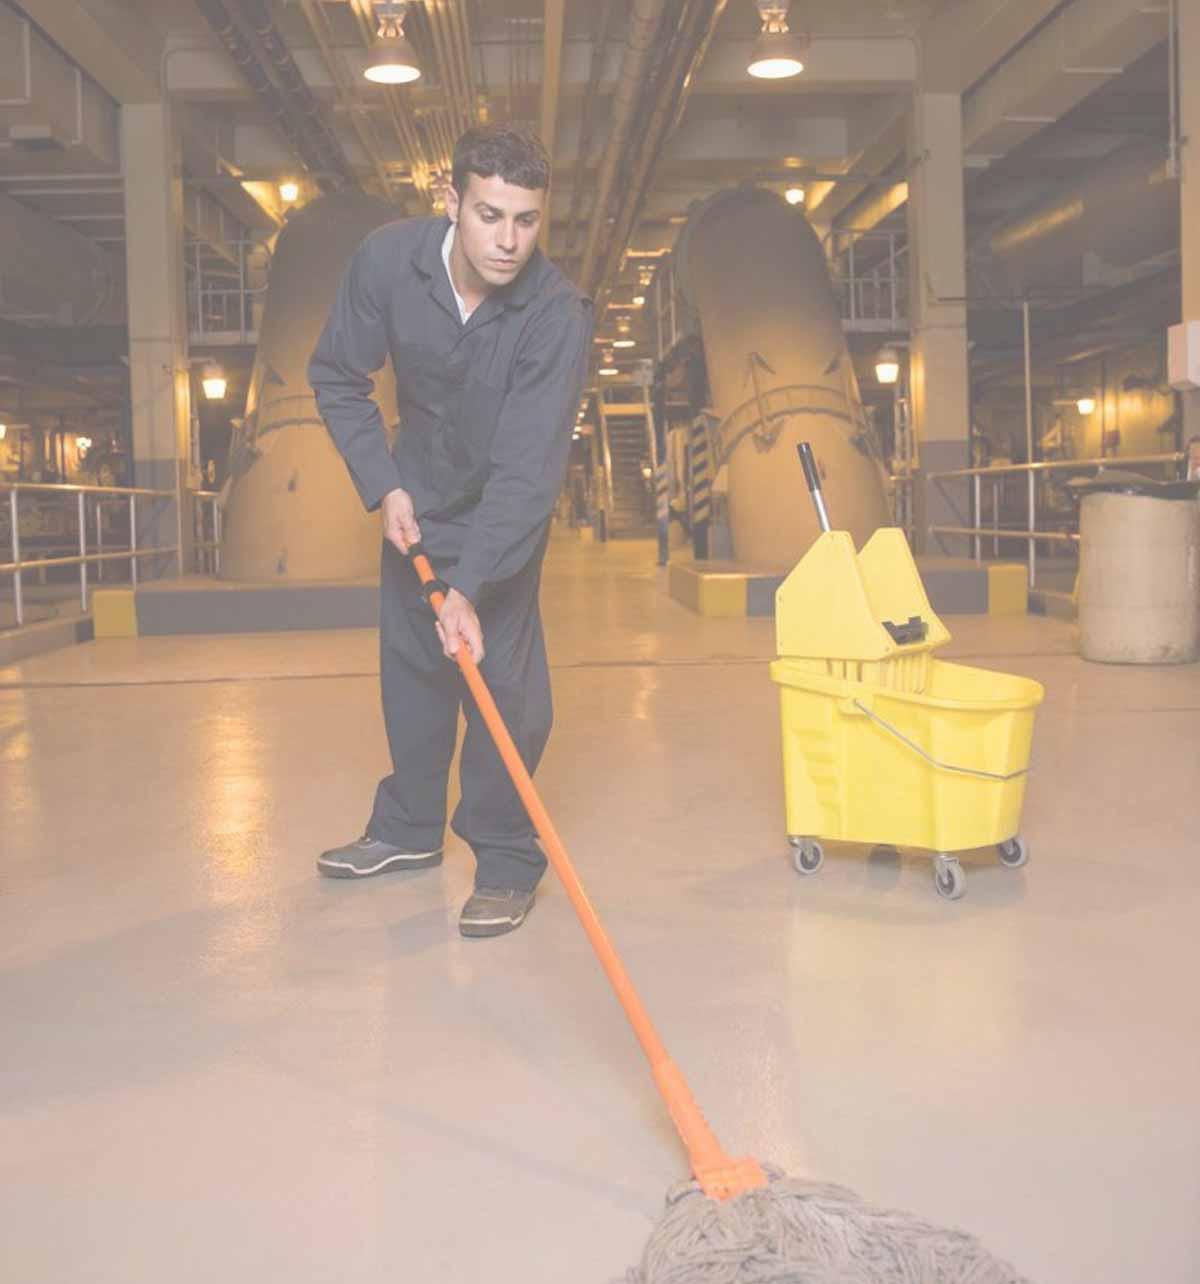 limpieza desinfectante en industrias